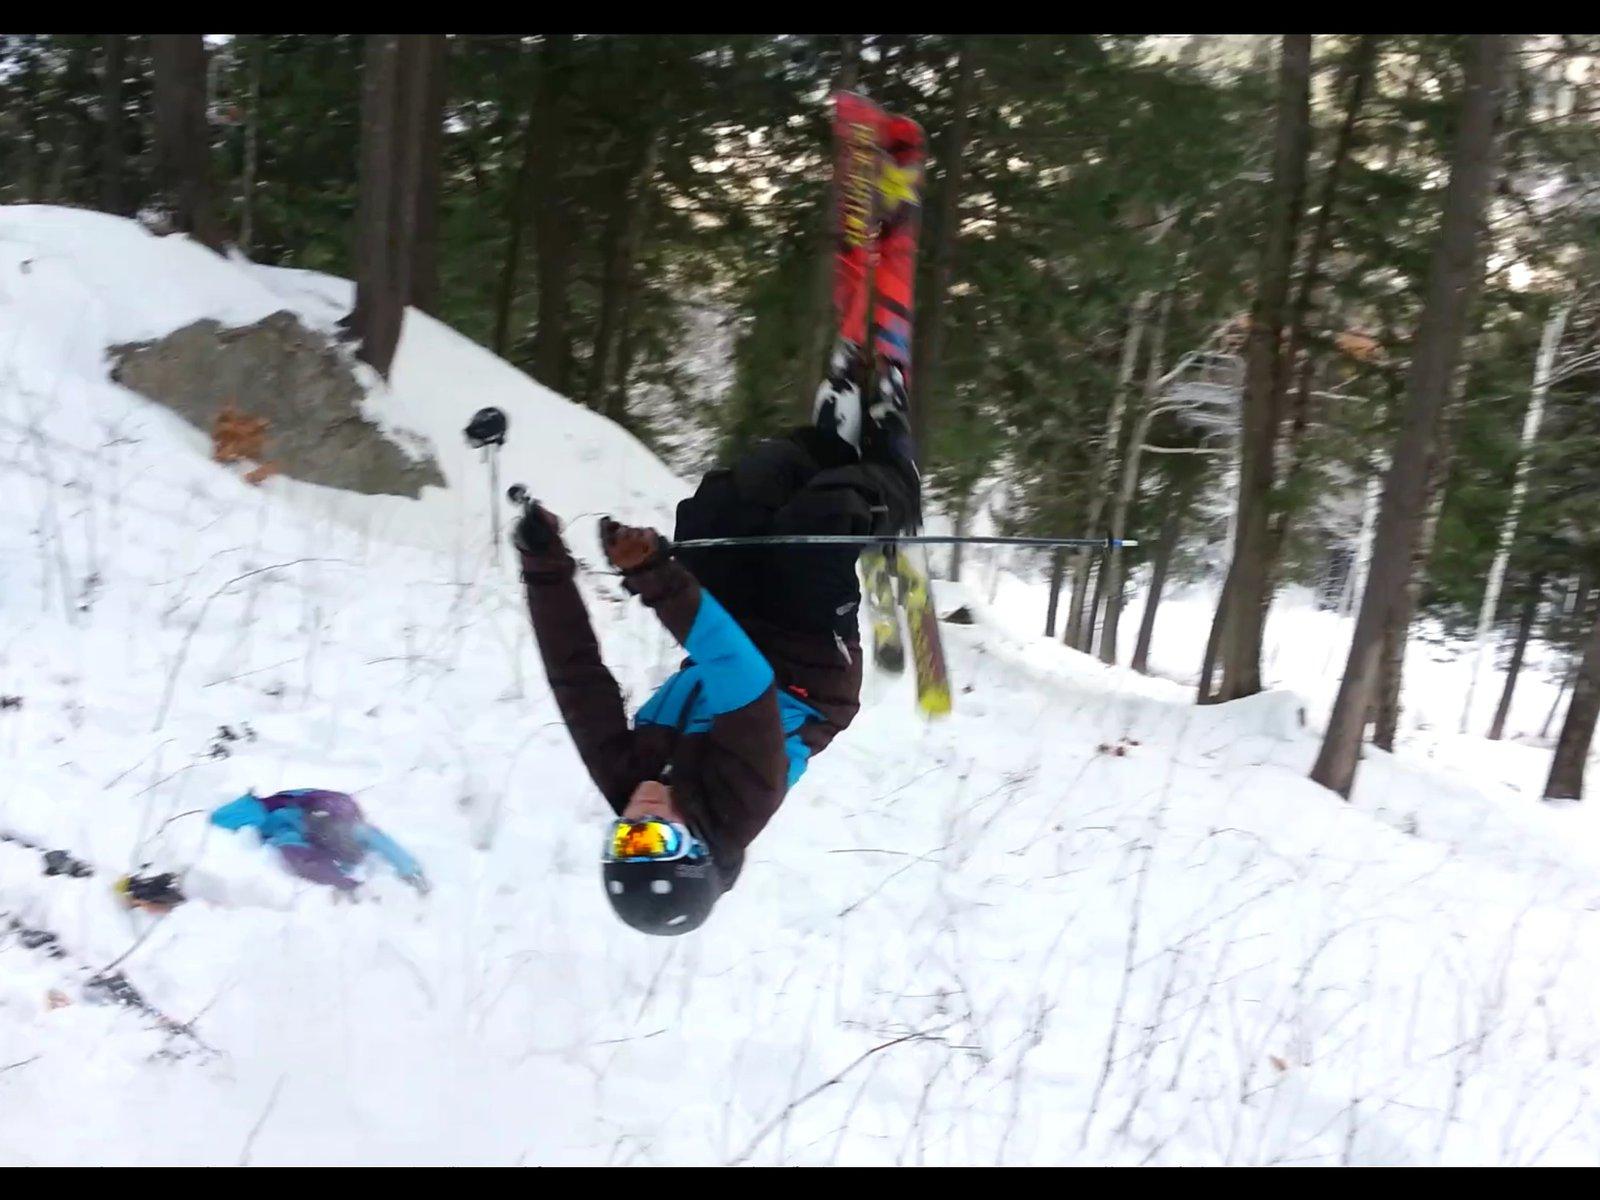 Backflip in woods